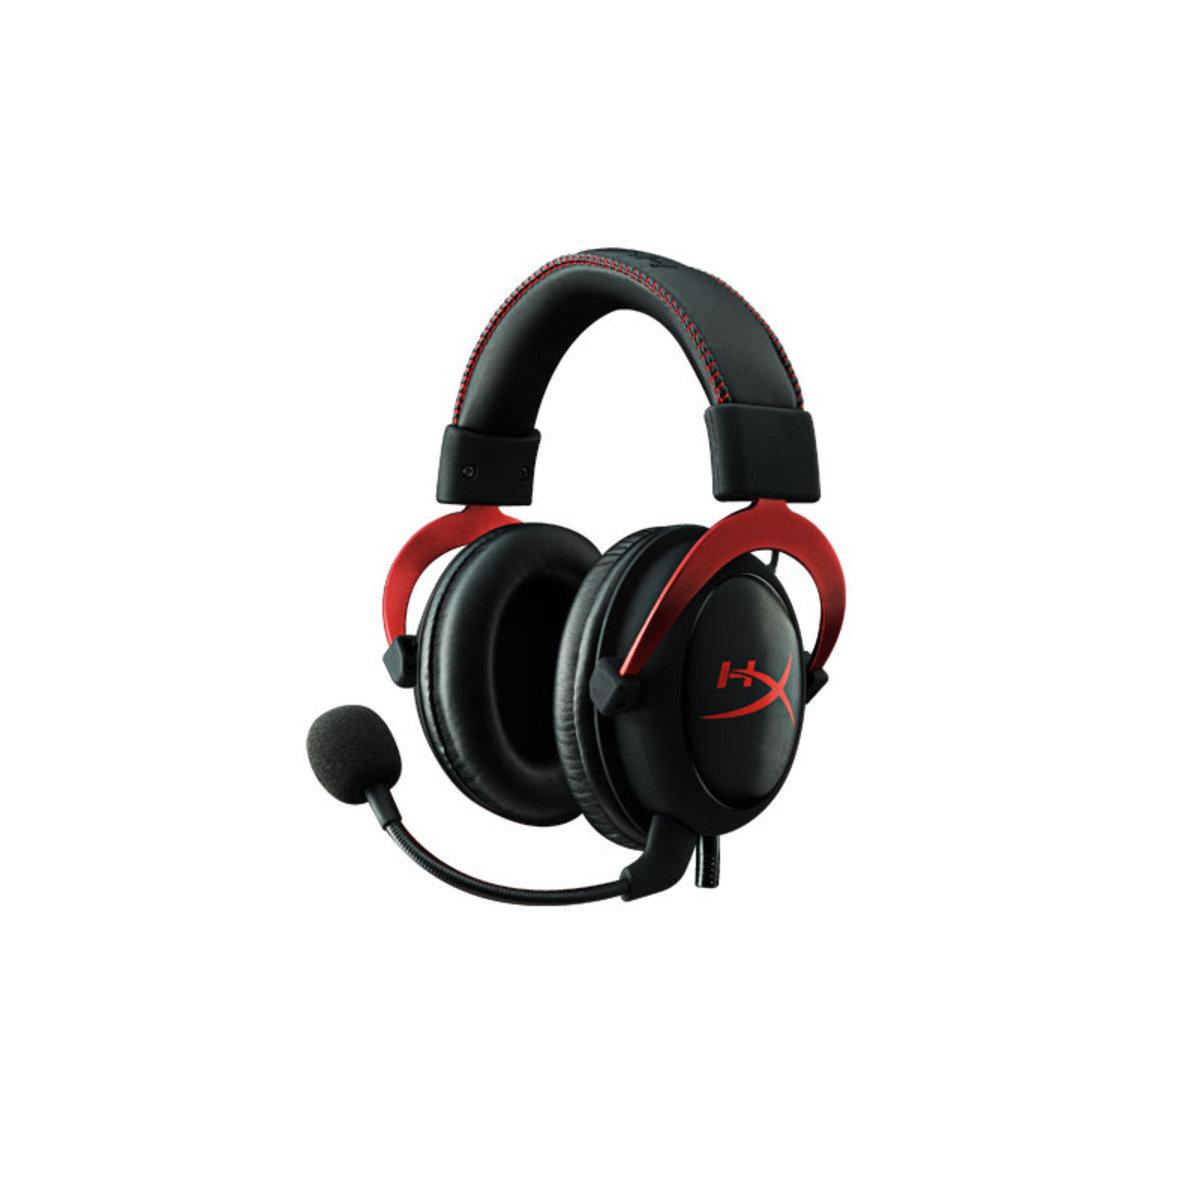 頭戴式 專業電競耳機 HyperX Cloud II 黑紅色